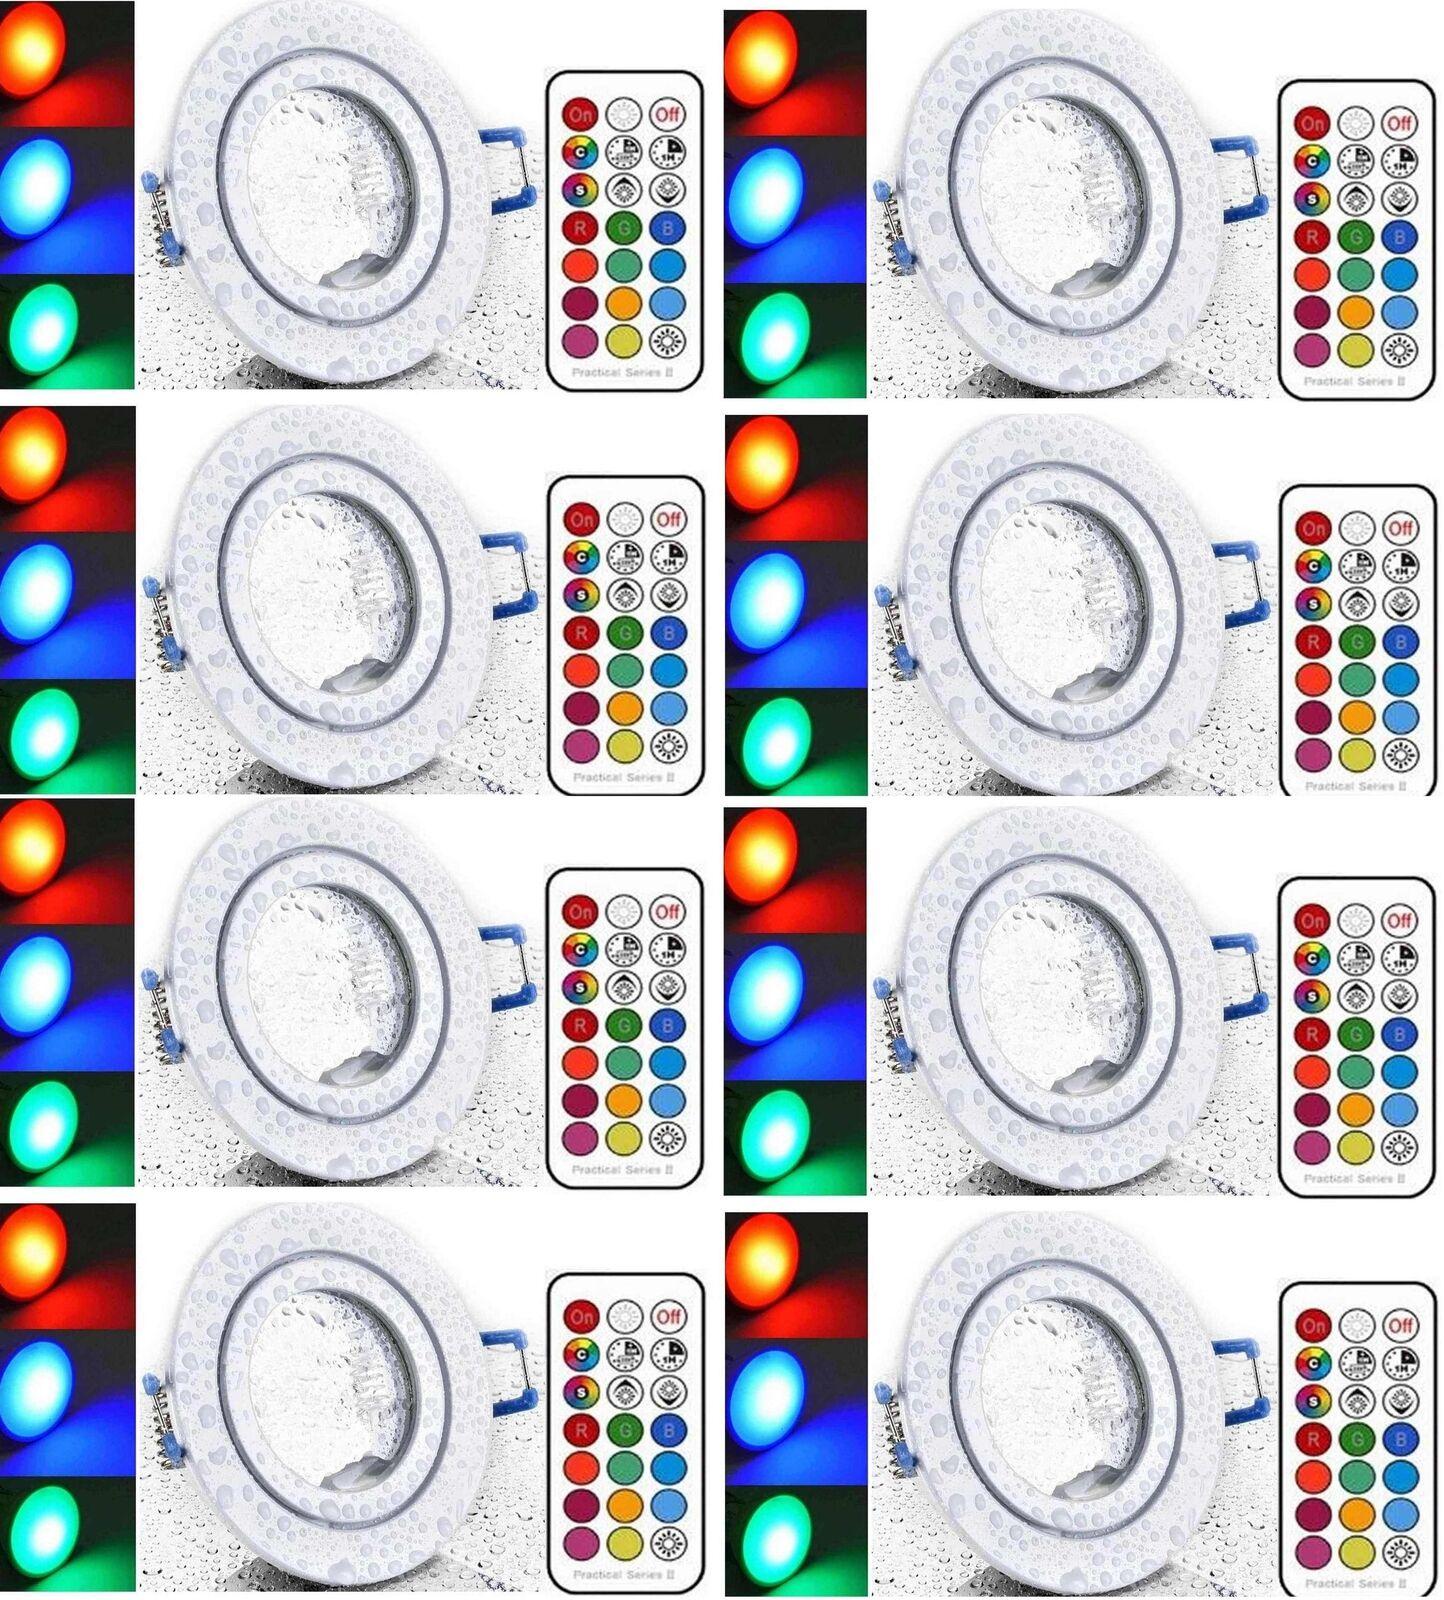 8xLed Feuchtraum Einbaustpot weiß+RGB kaltweiß dim. mit Timer+Fernbedienung 230V